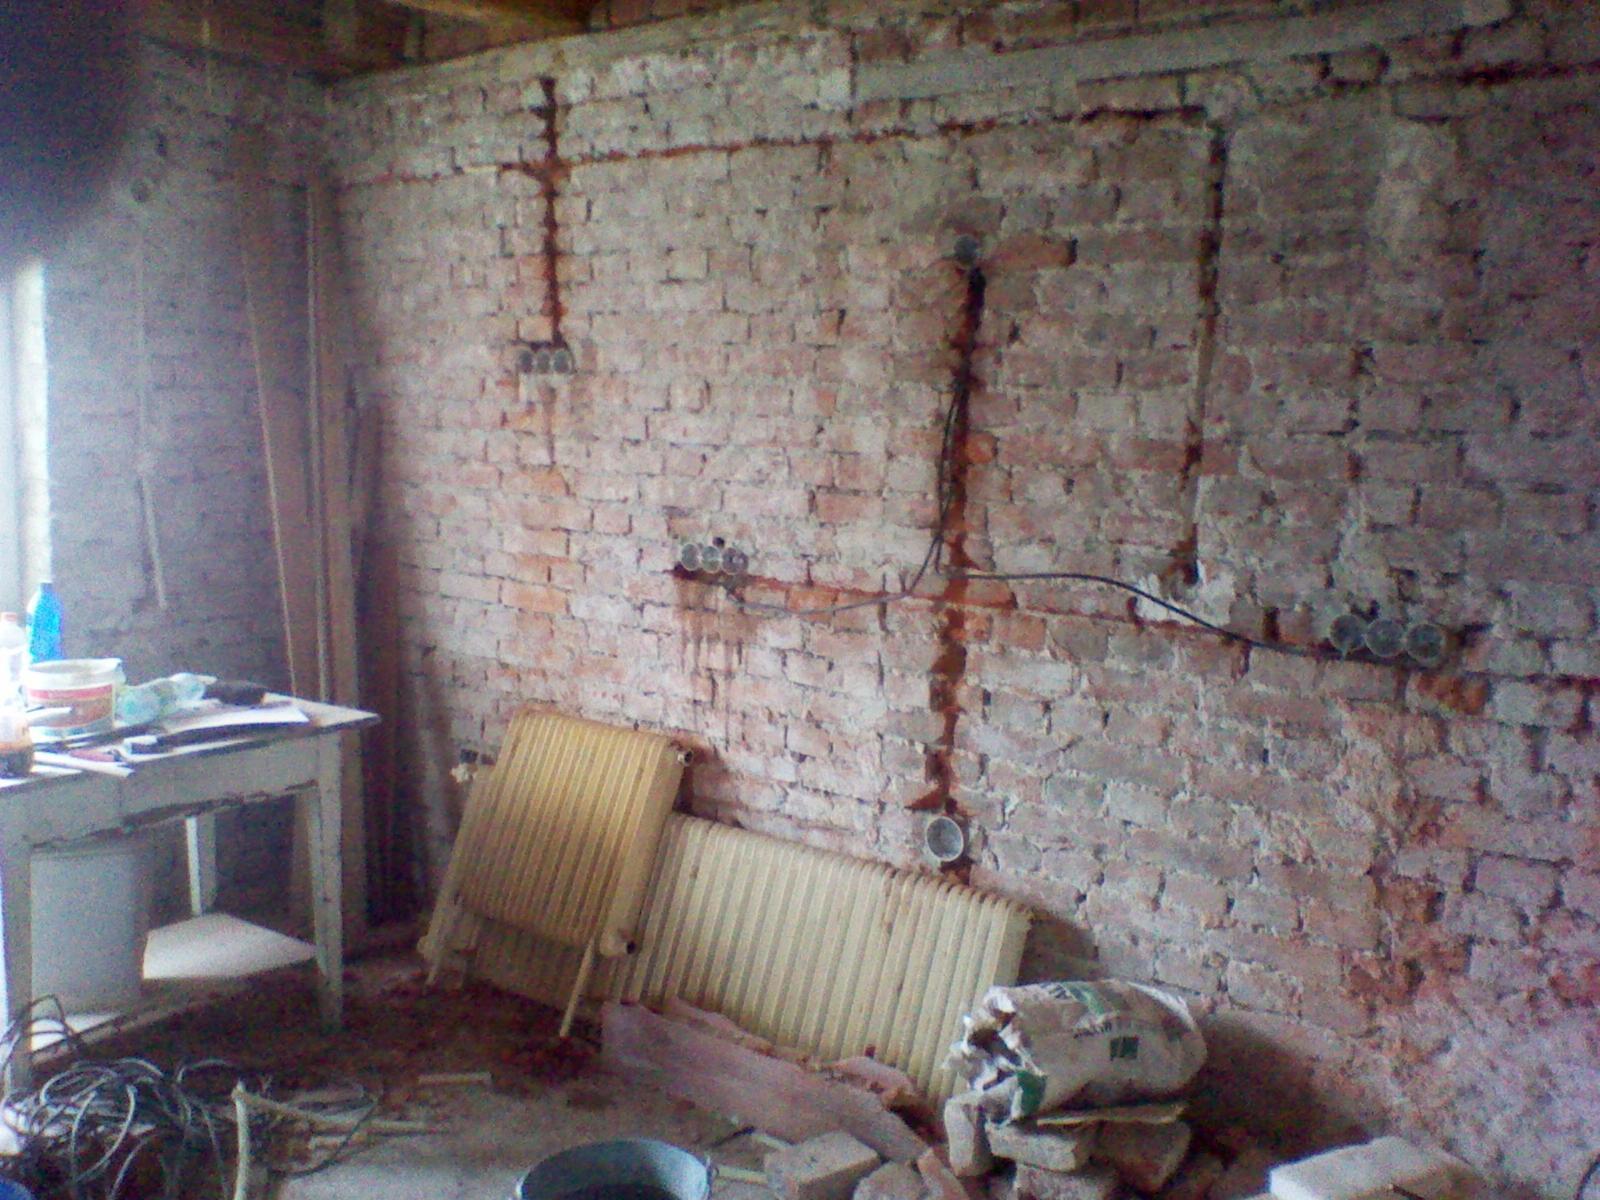 Rekonstrukce domu za 8 týdnů - kuchyn už s rozvody